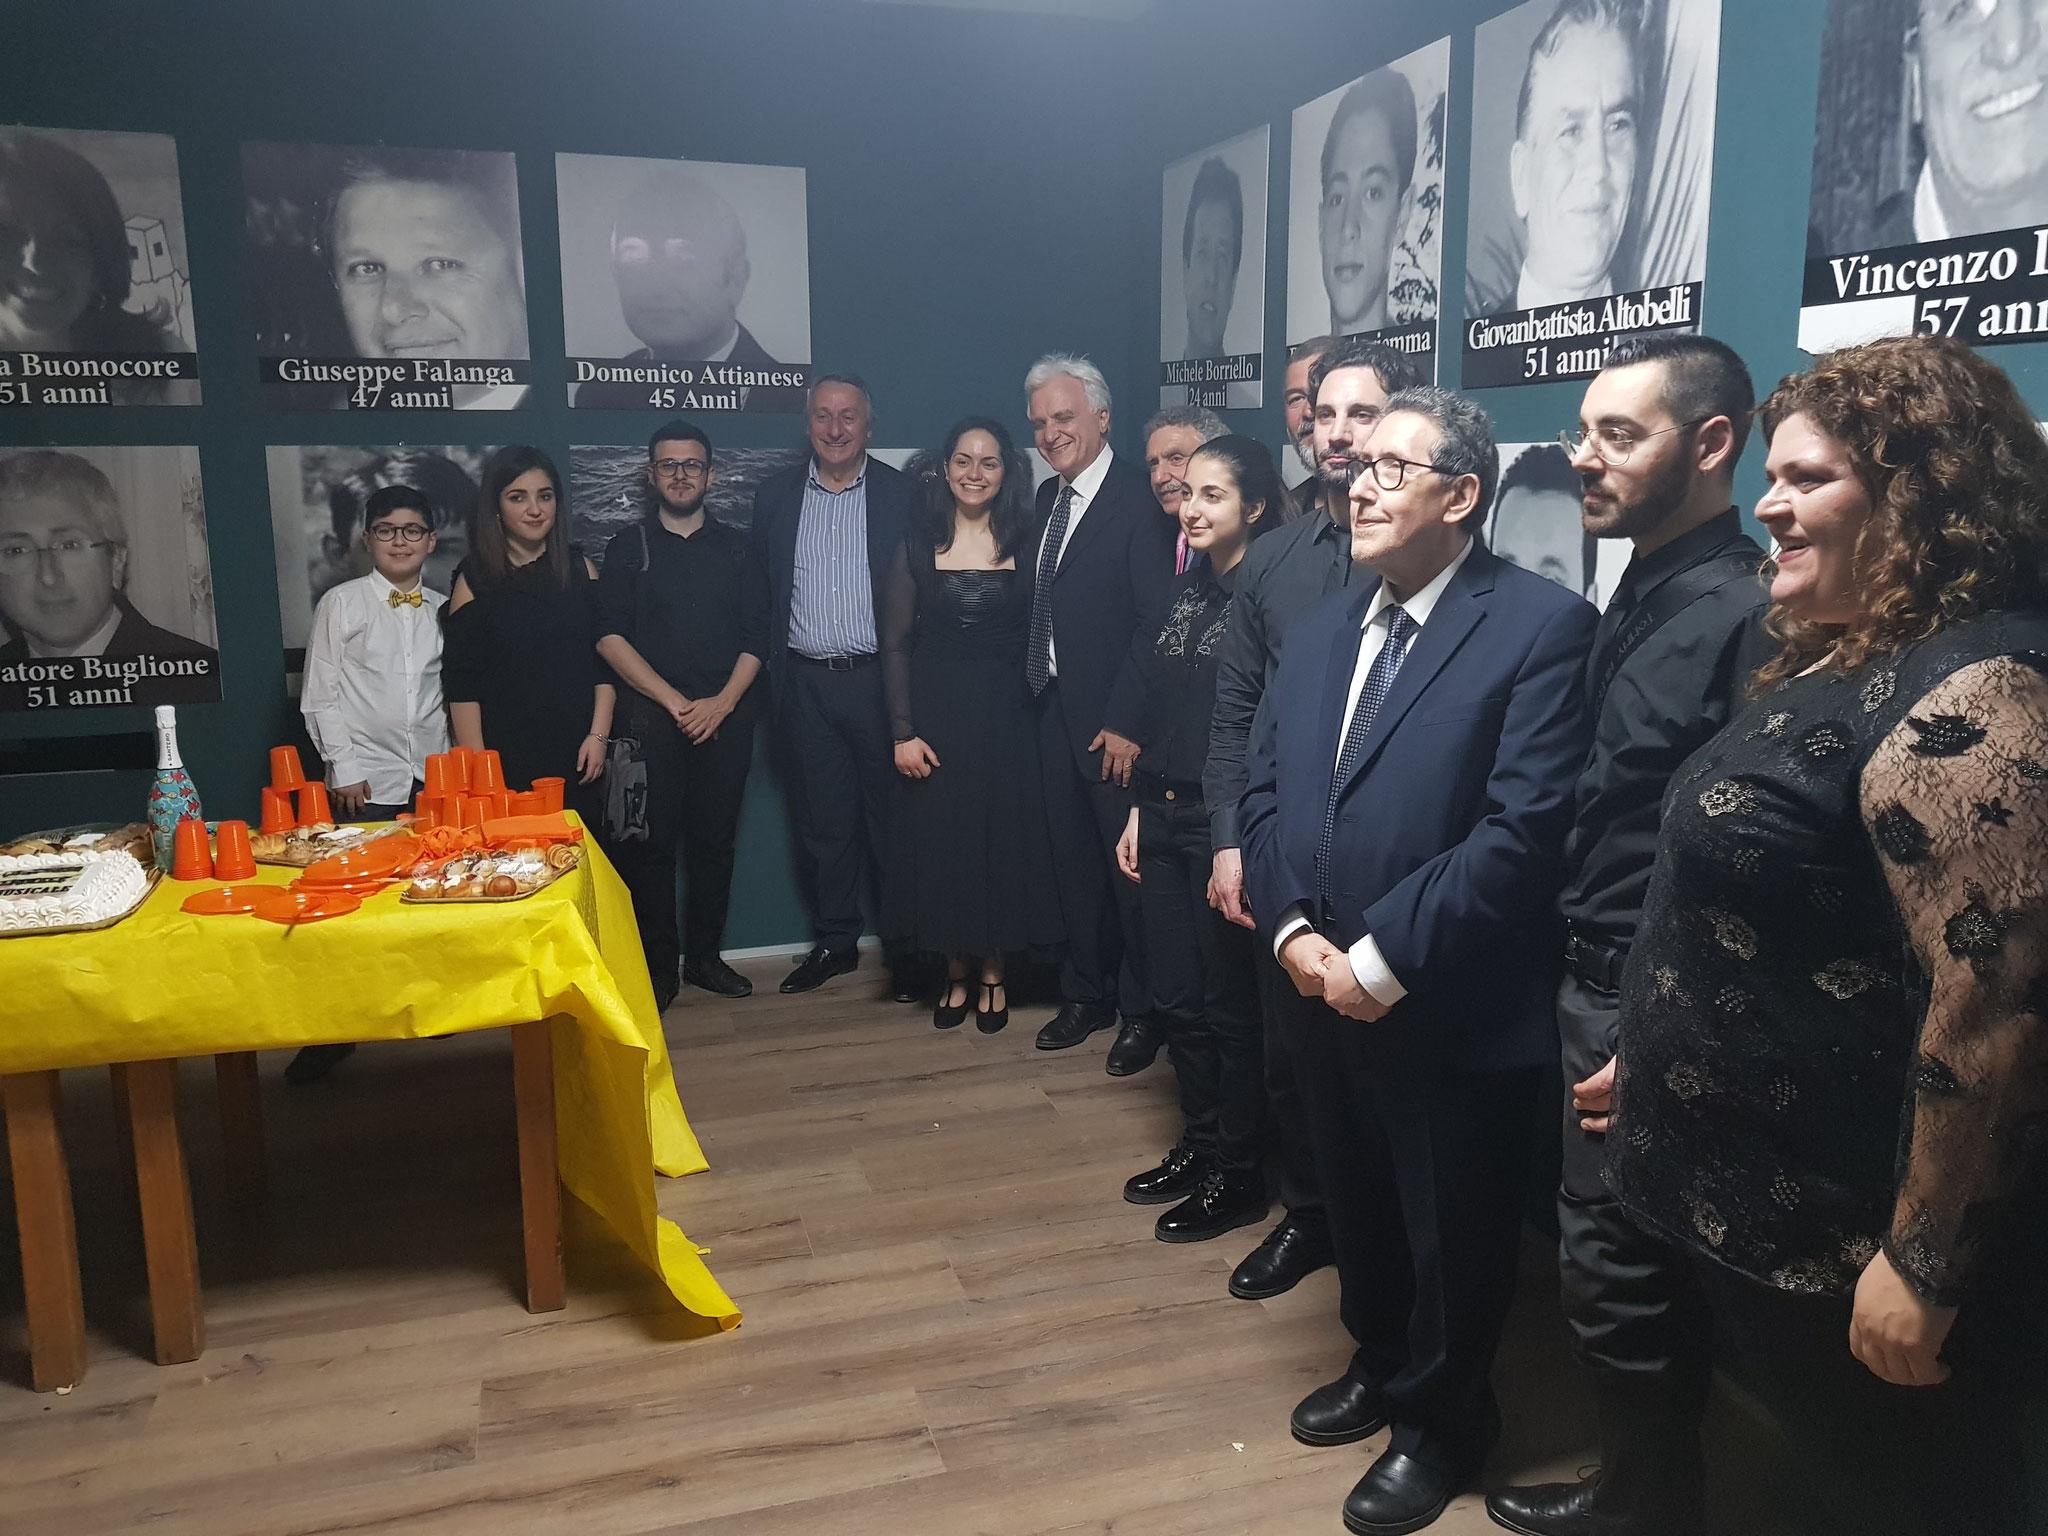 ALCUNI DEI VINCITORI AL GALA' DEL 28 APRILE PREMIAZIONE  DA PARTE DEL PROF. LORENZO FIORITO